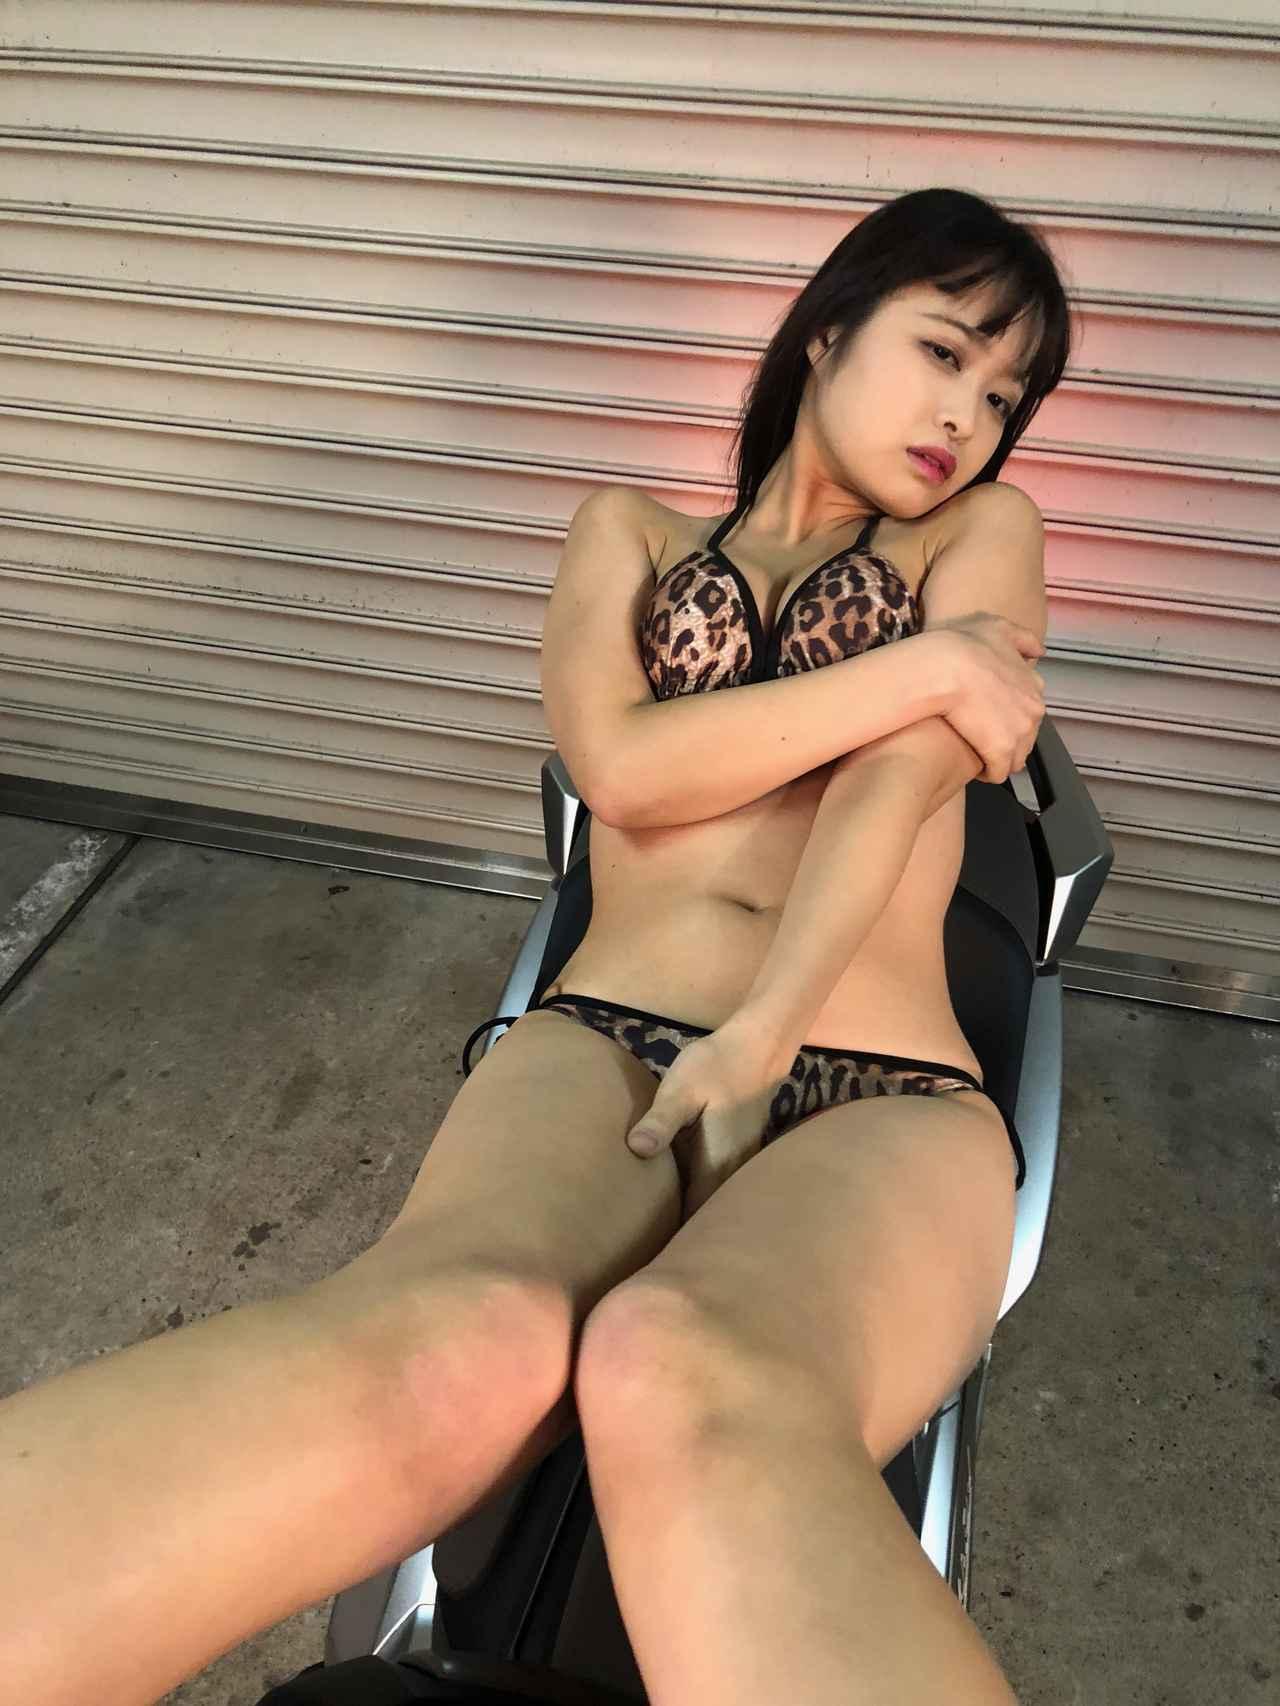 画像4: 目黒璃彩はトリプルセブン(平成7年7月7日生まれ)! 【Beauty & Bike】特別編: